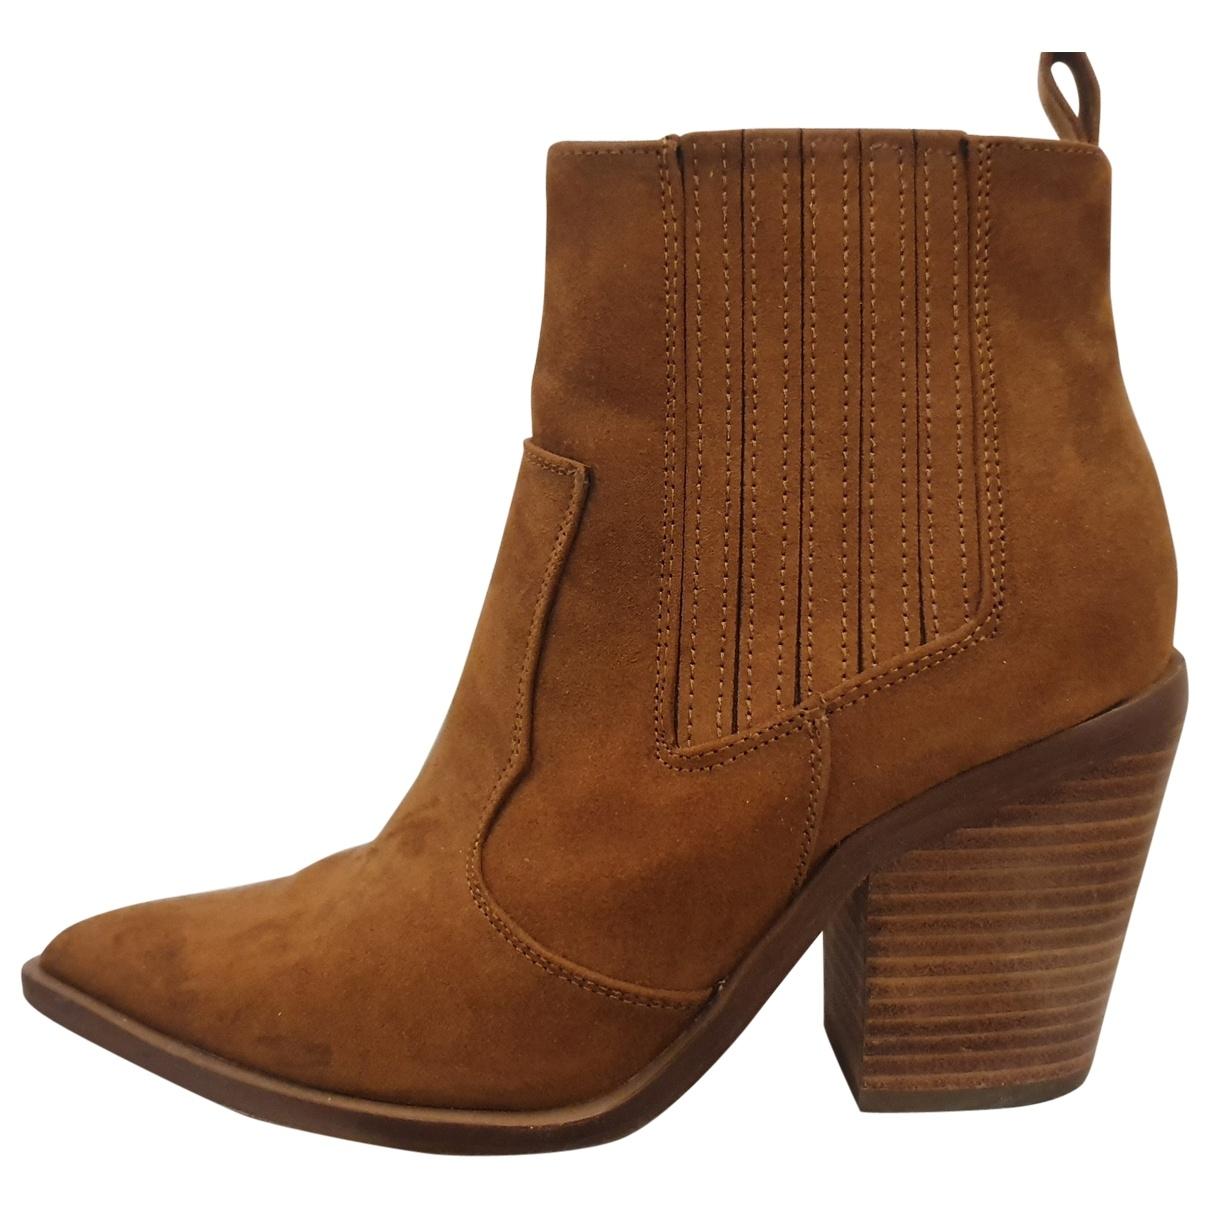 Asos - Bottes   pour femme en cuir verni - marron